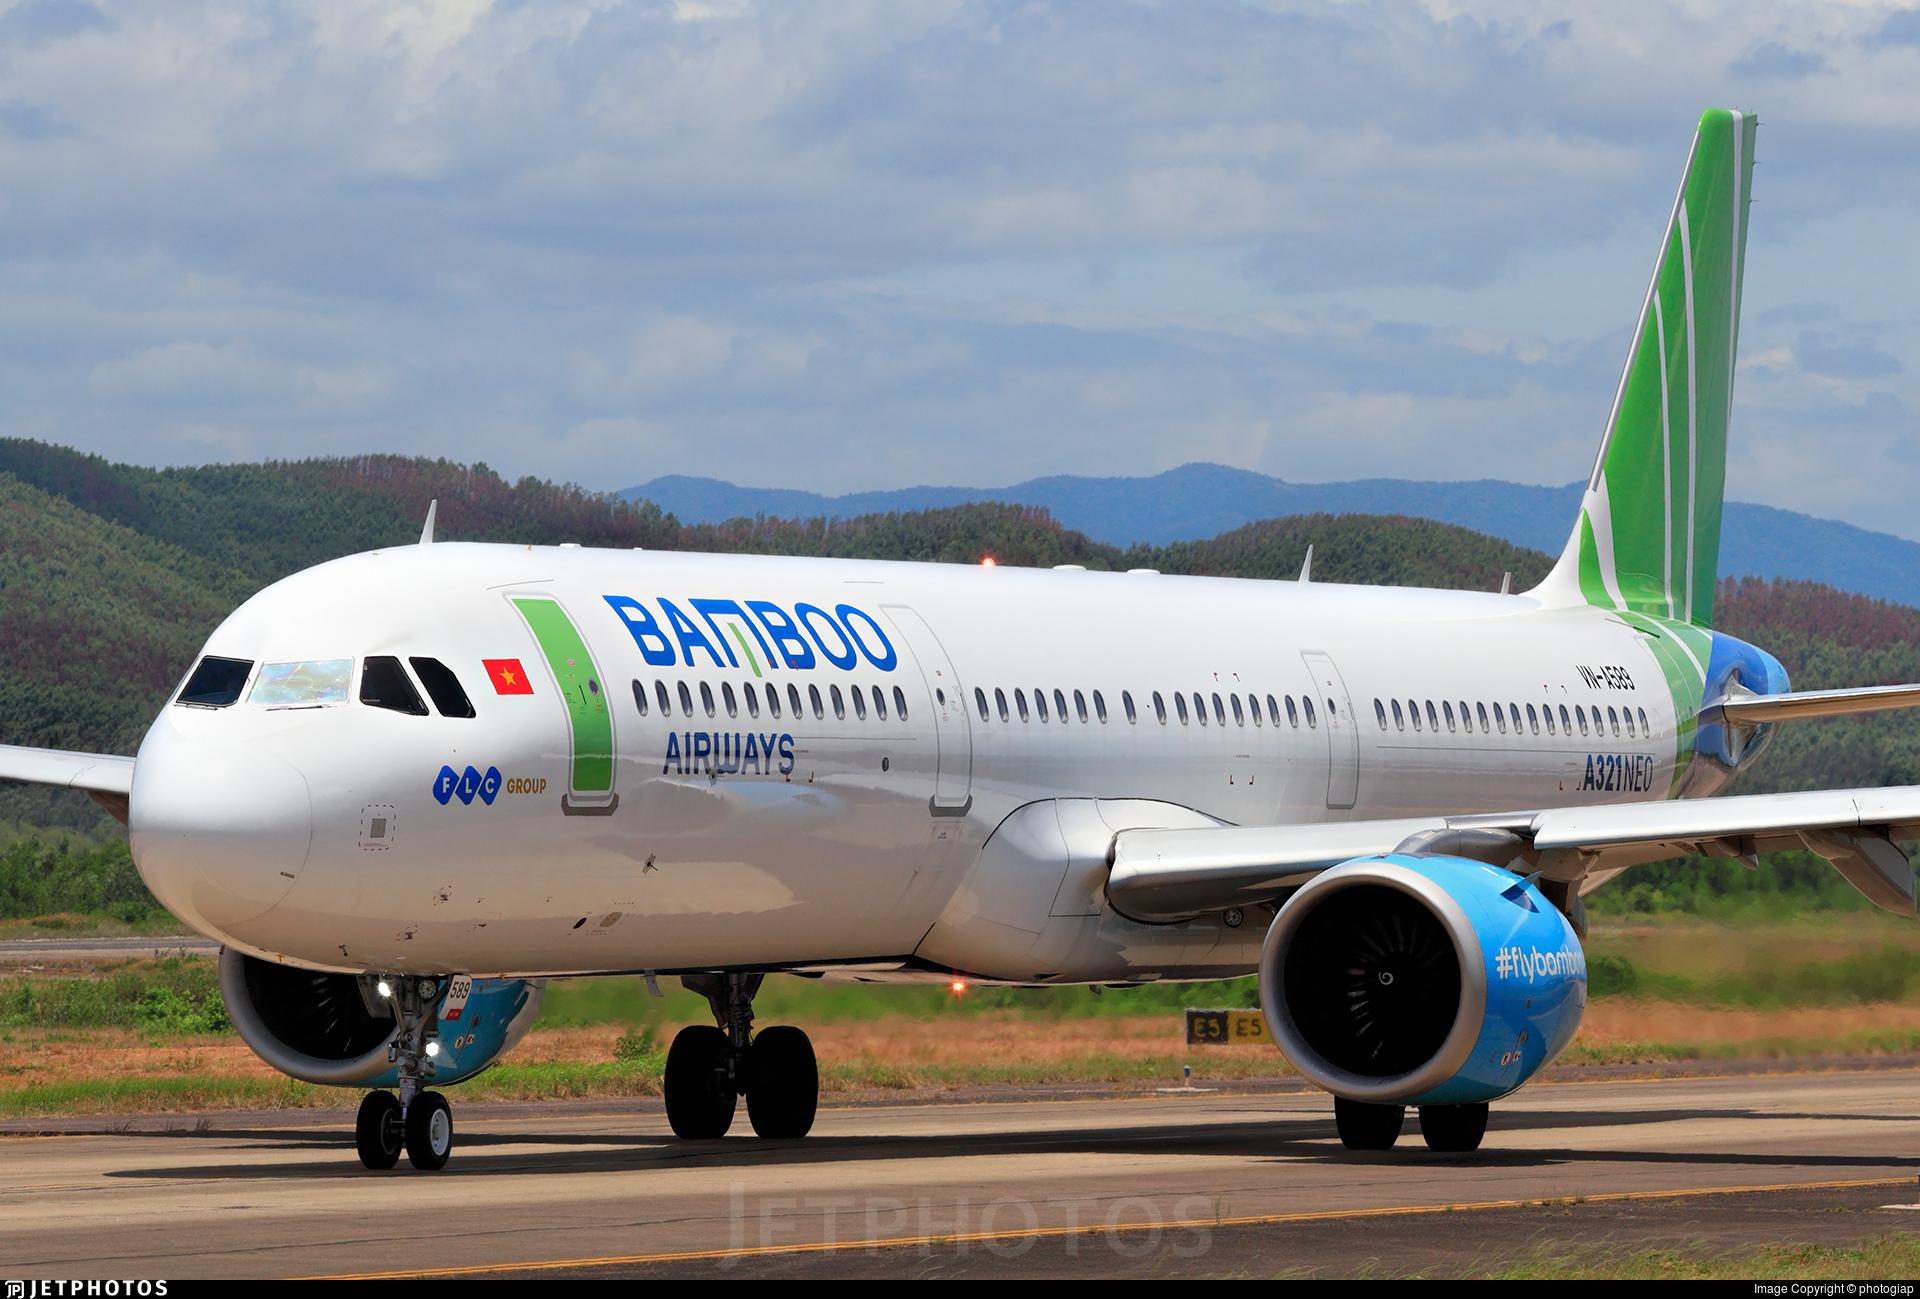 VN-A589 - Airbus A321-251N - Bamboo Airways